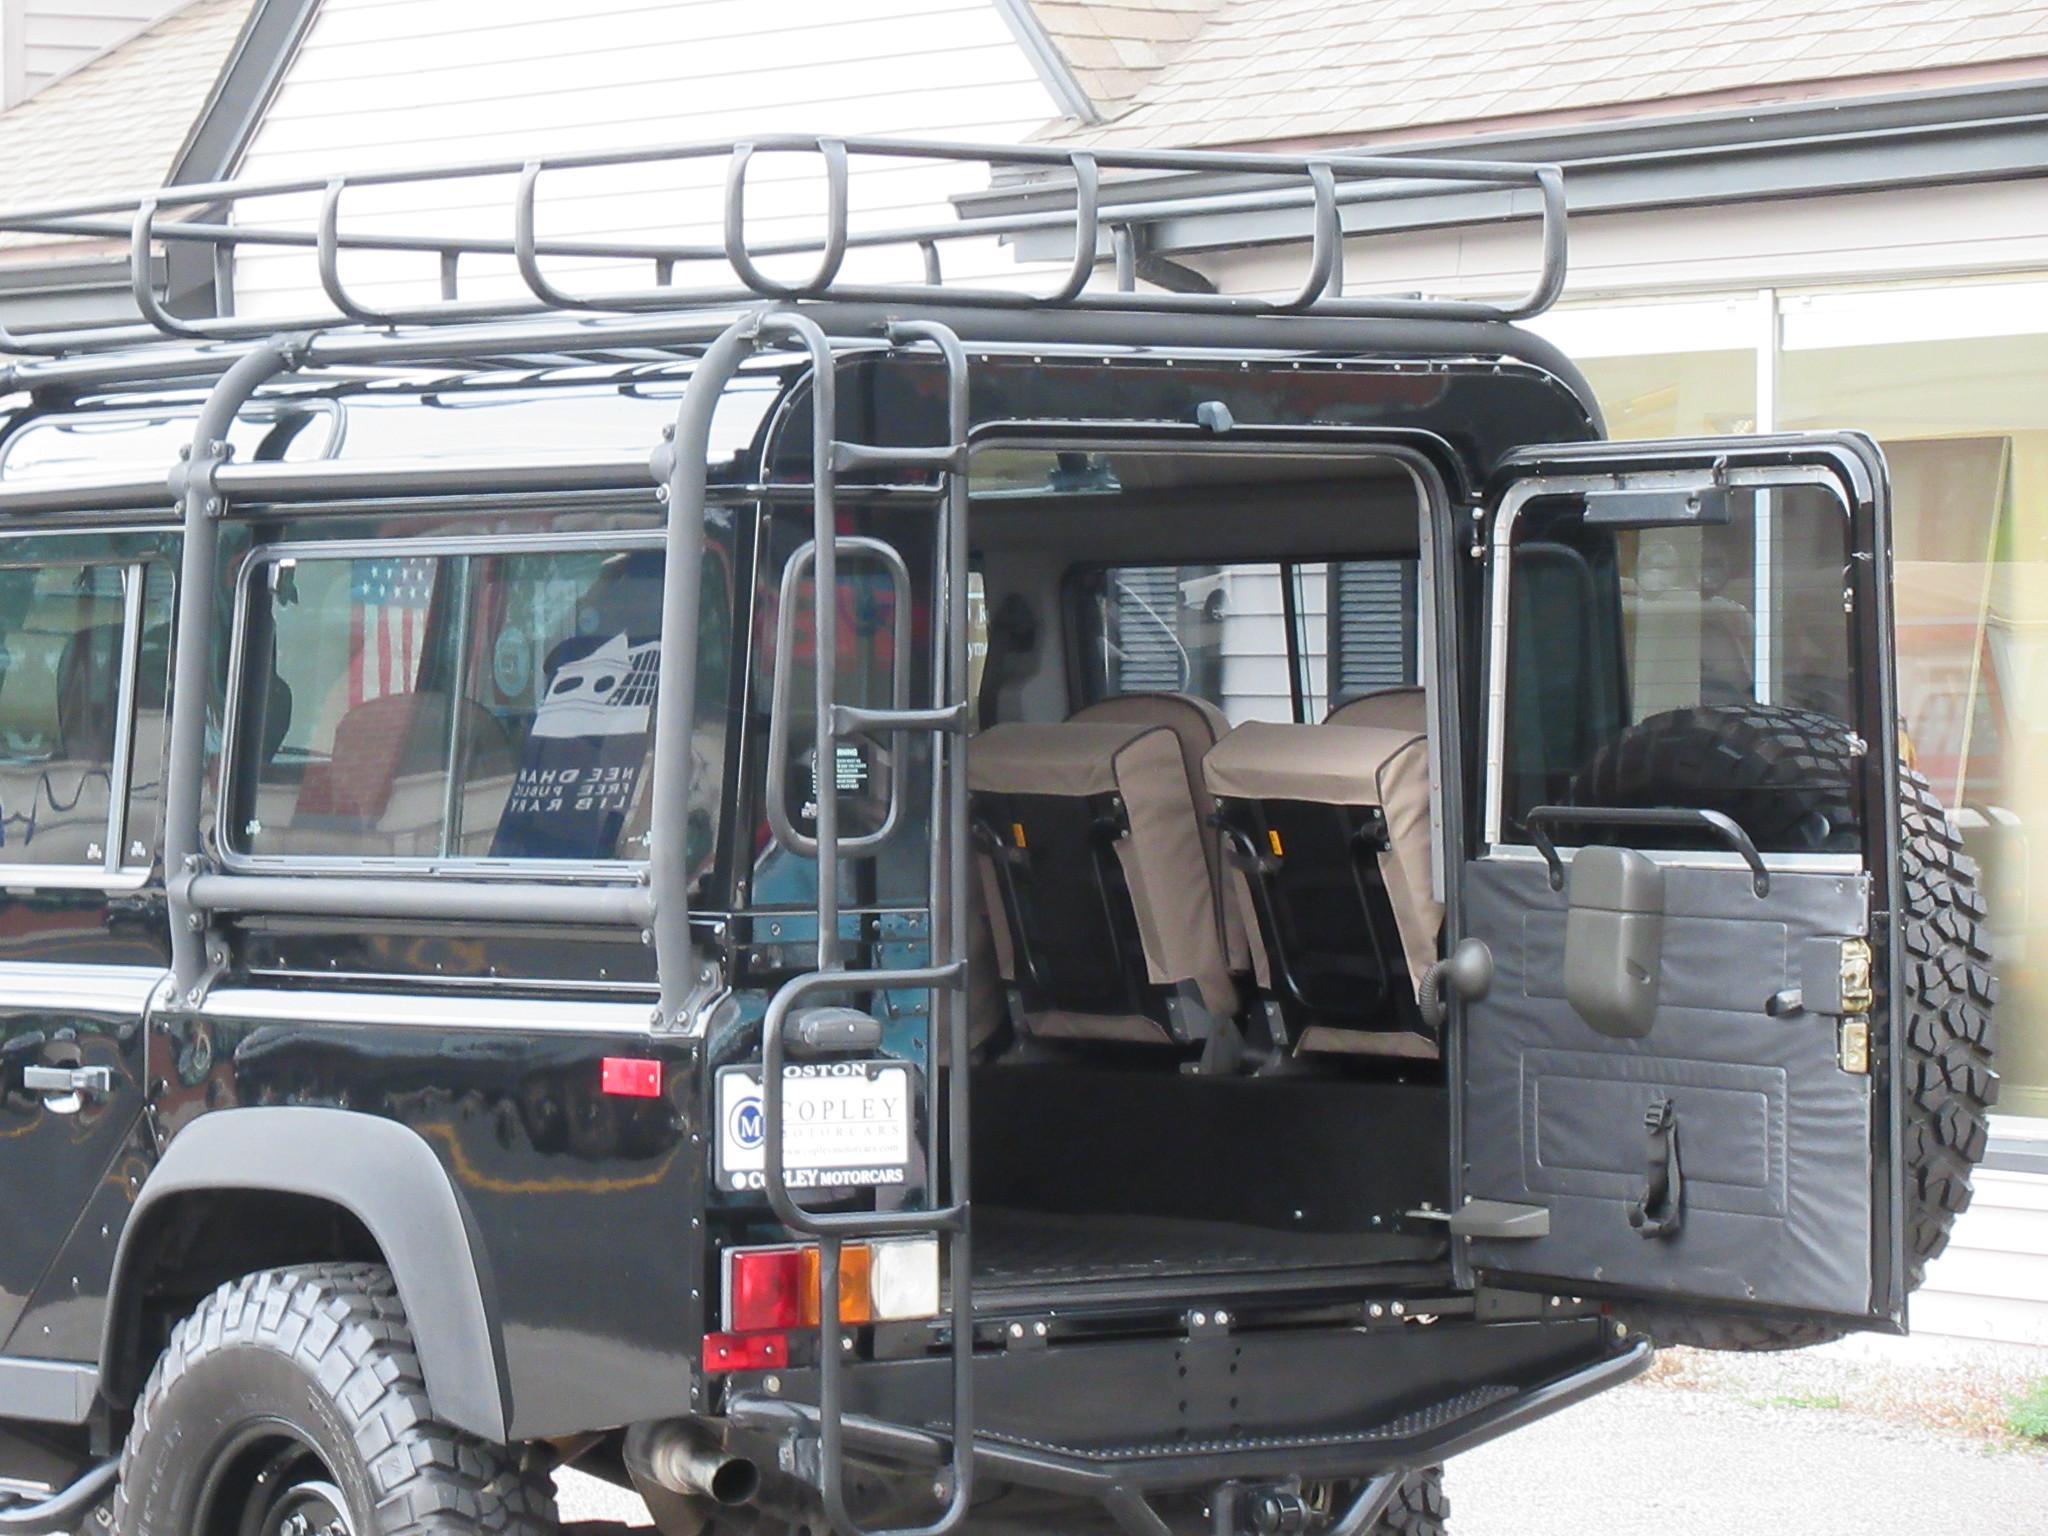 1993 Land Rover Nas Defender 110 215 Copley Motorcars